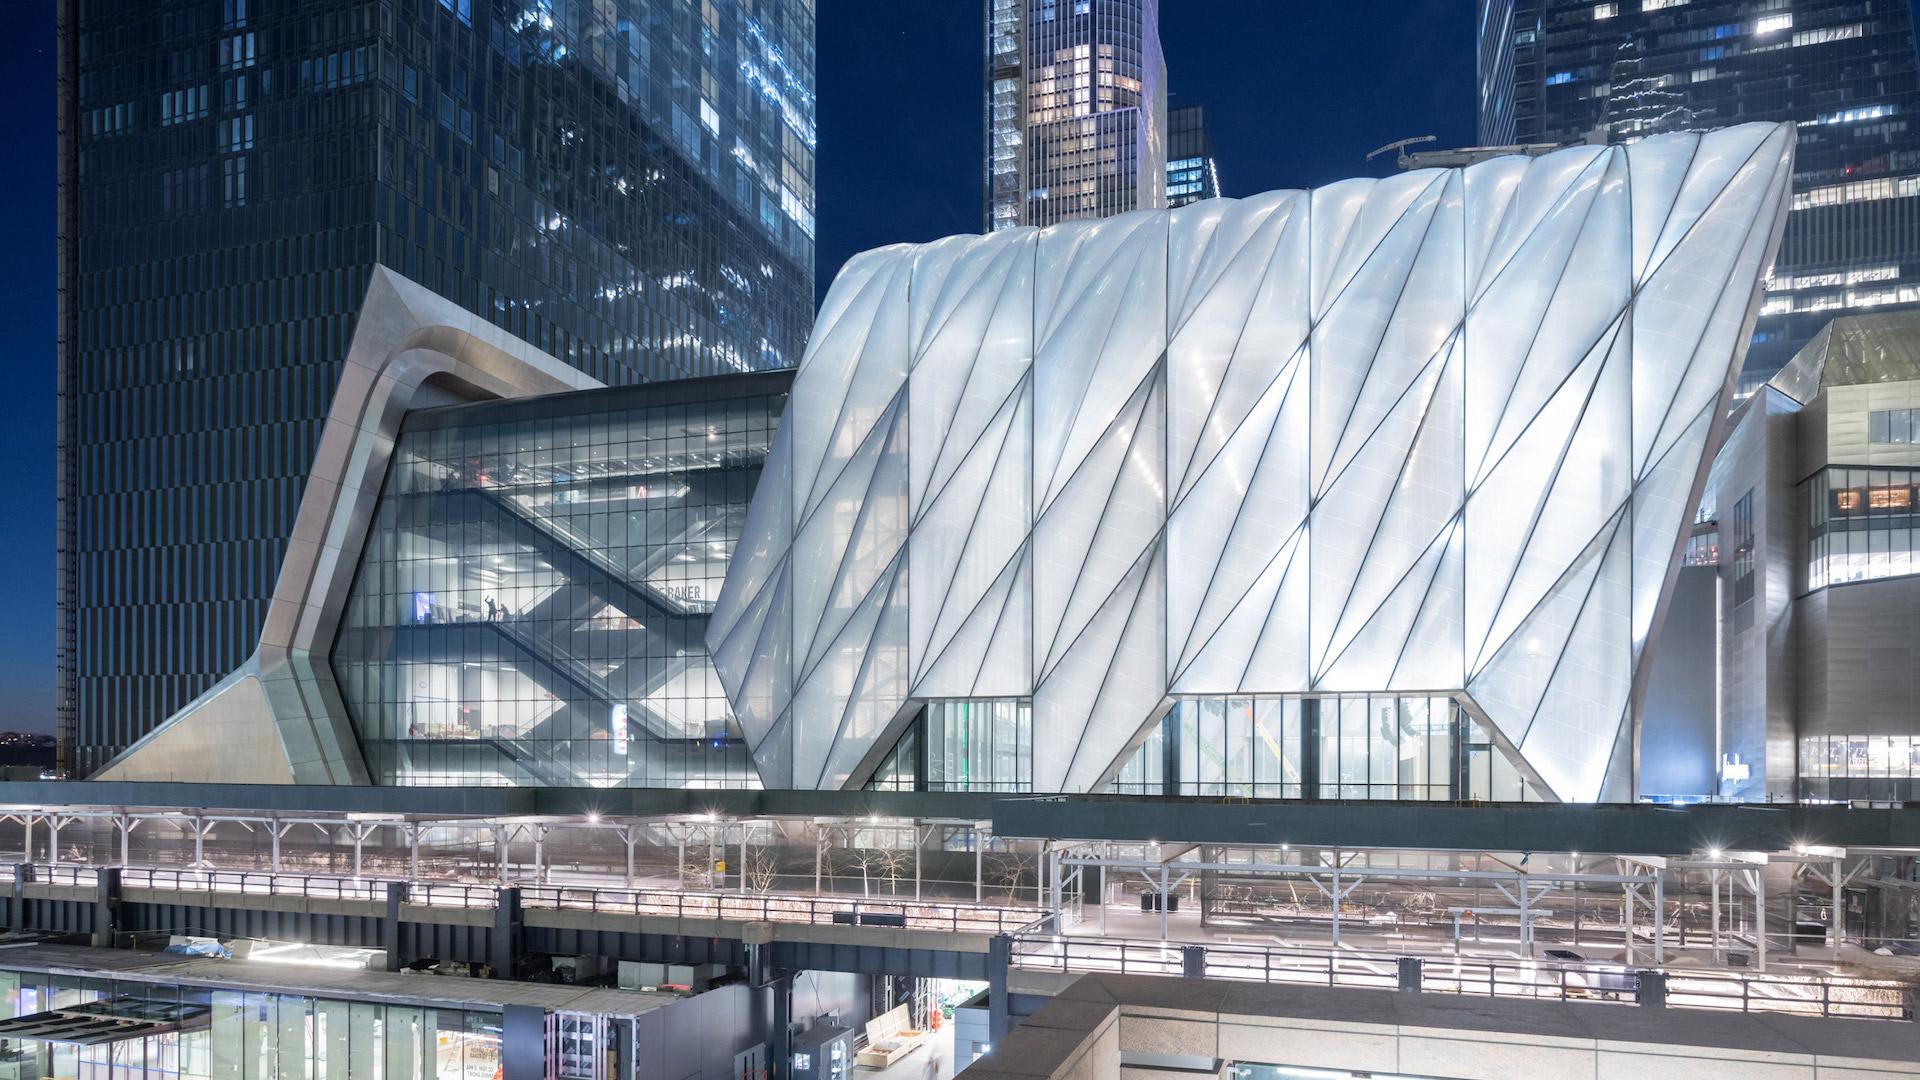 Así es The Shed, la nueva atracción junto al High Line de Nueva York